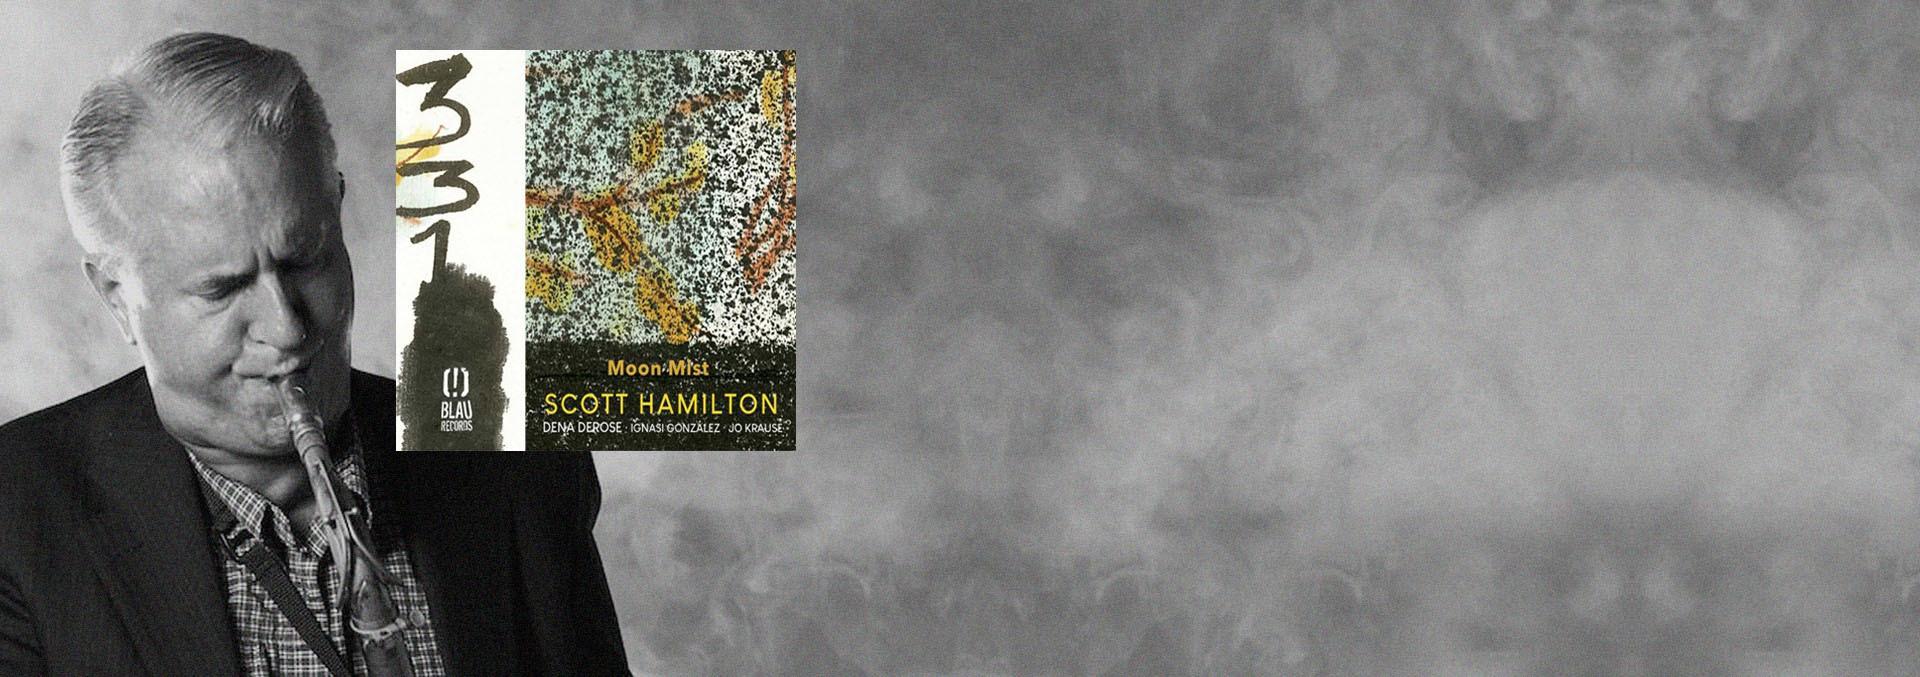 Scott Hamilton Moon Mist